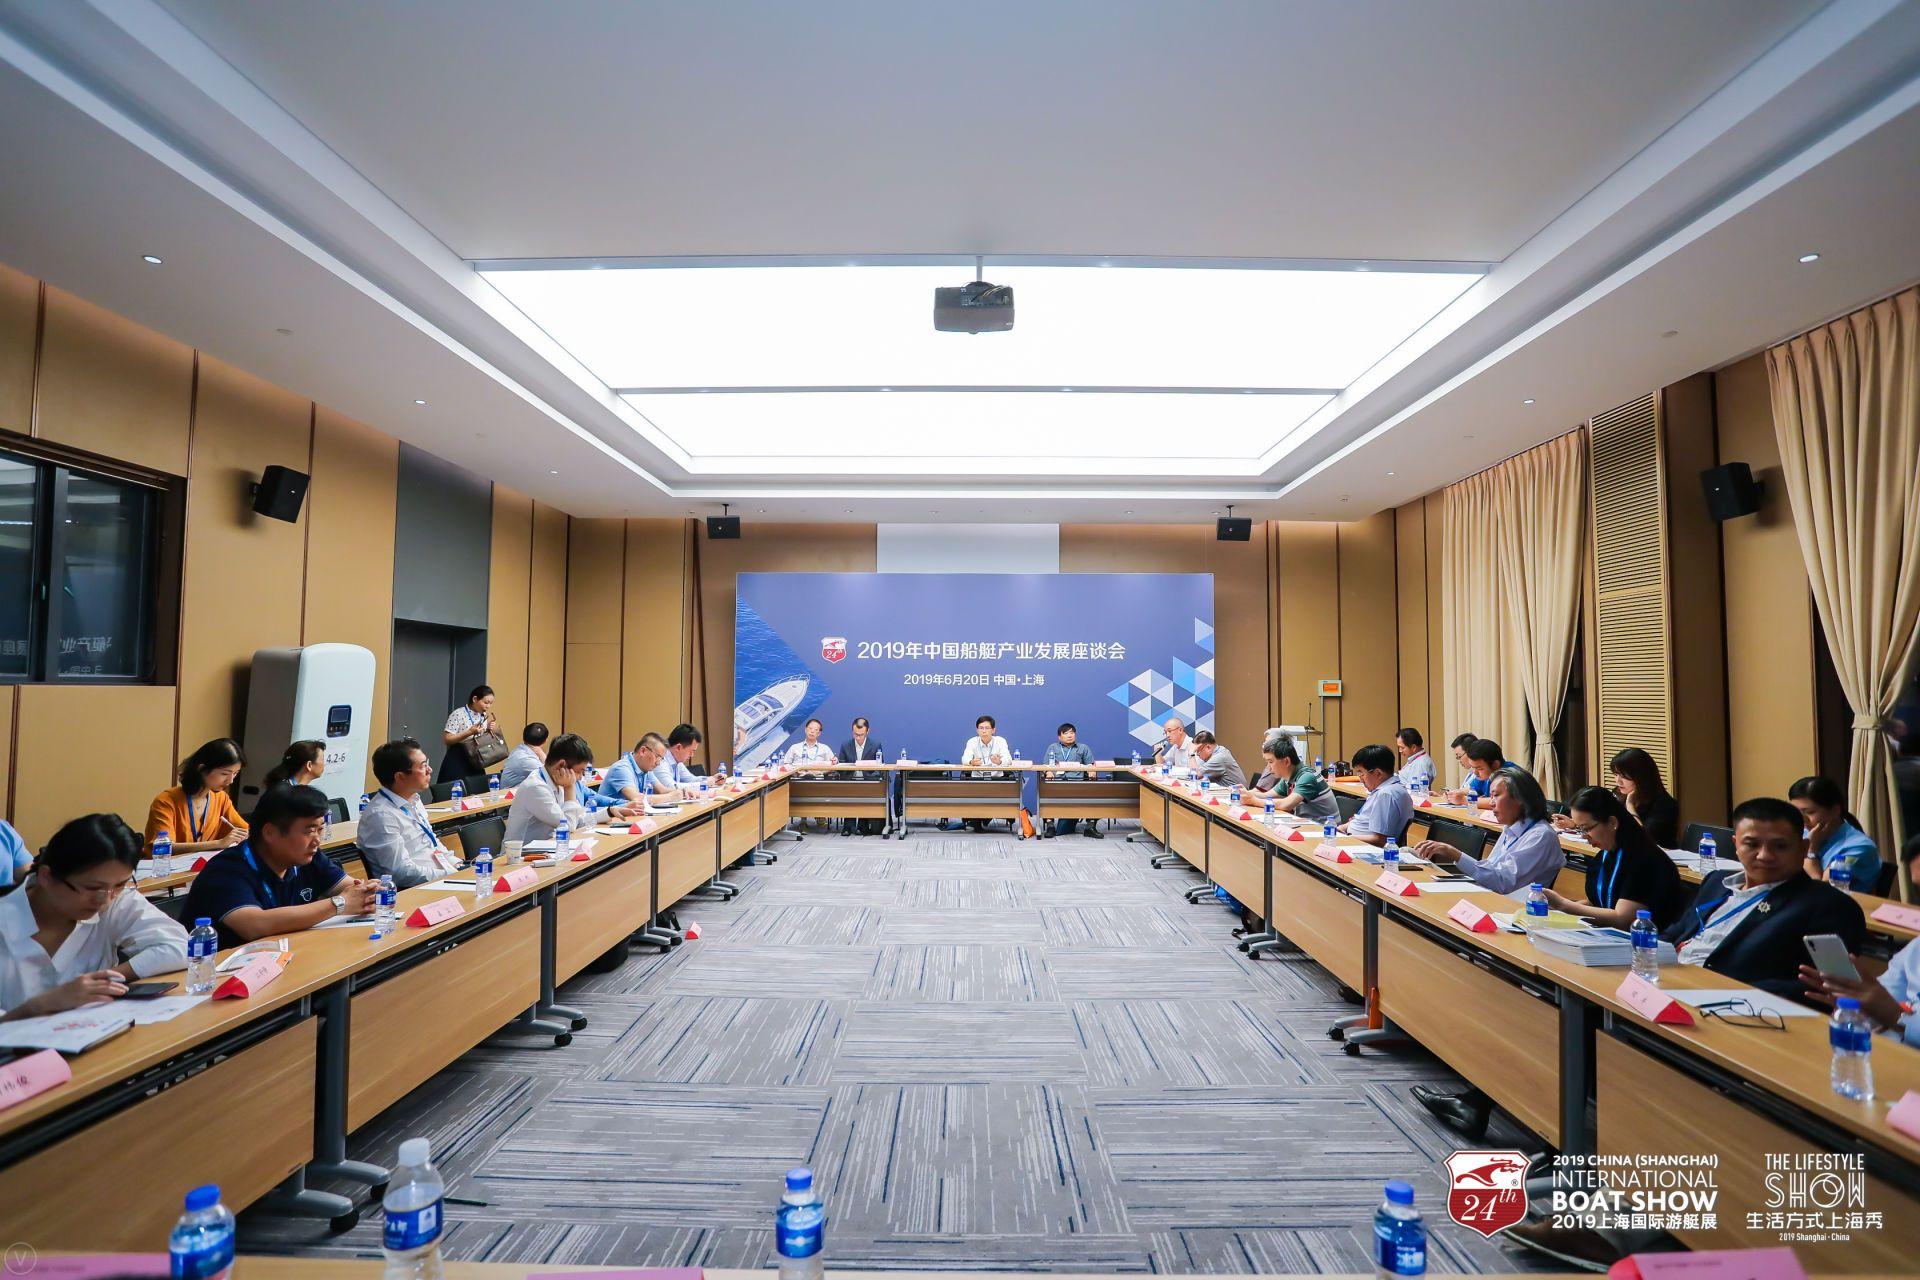 2019上海展2-vbox7163_AK4A6779_143110_small